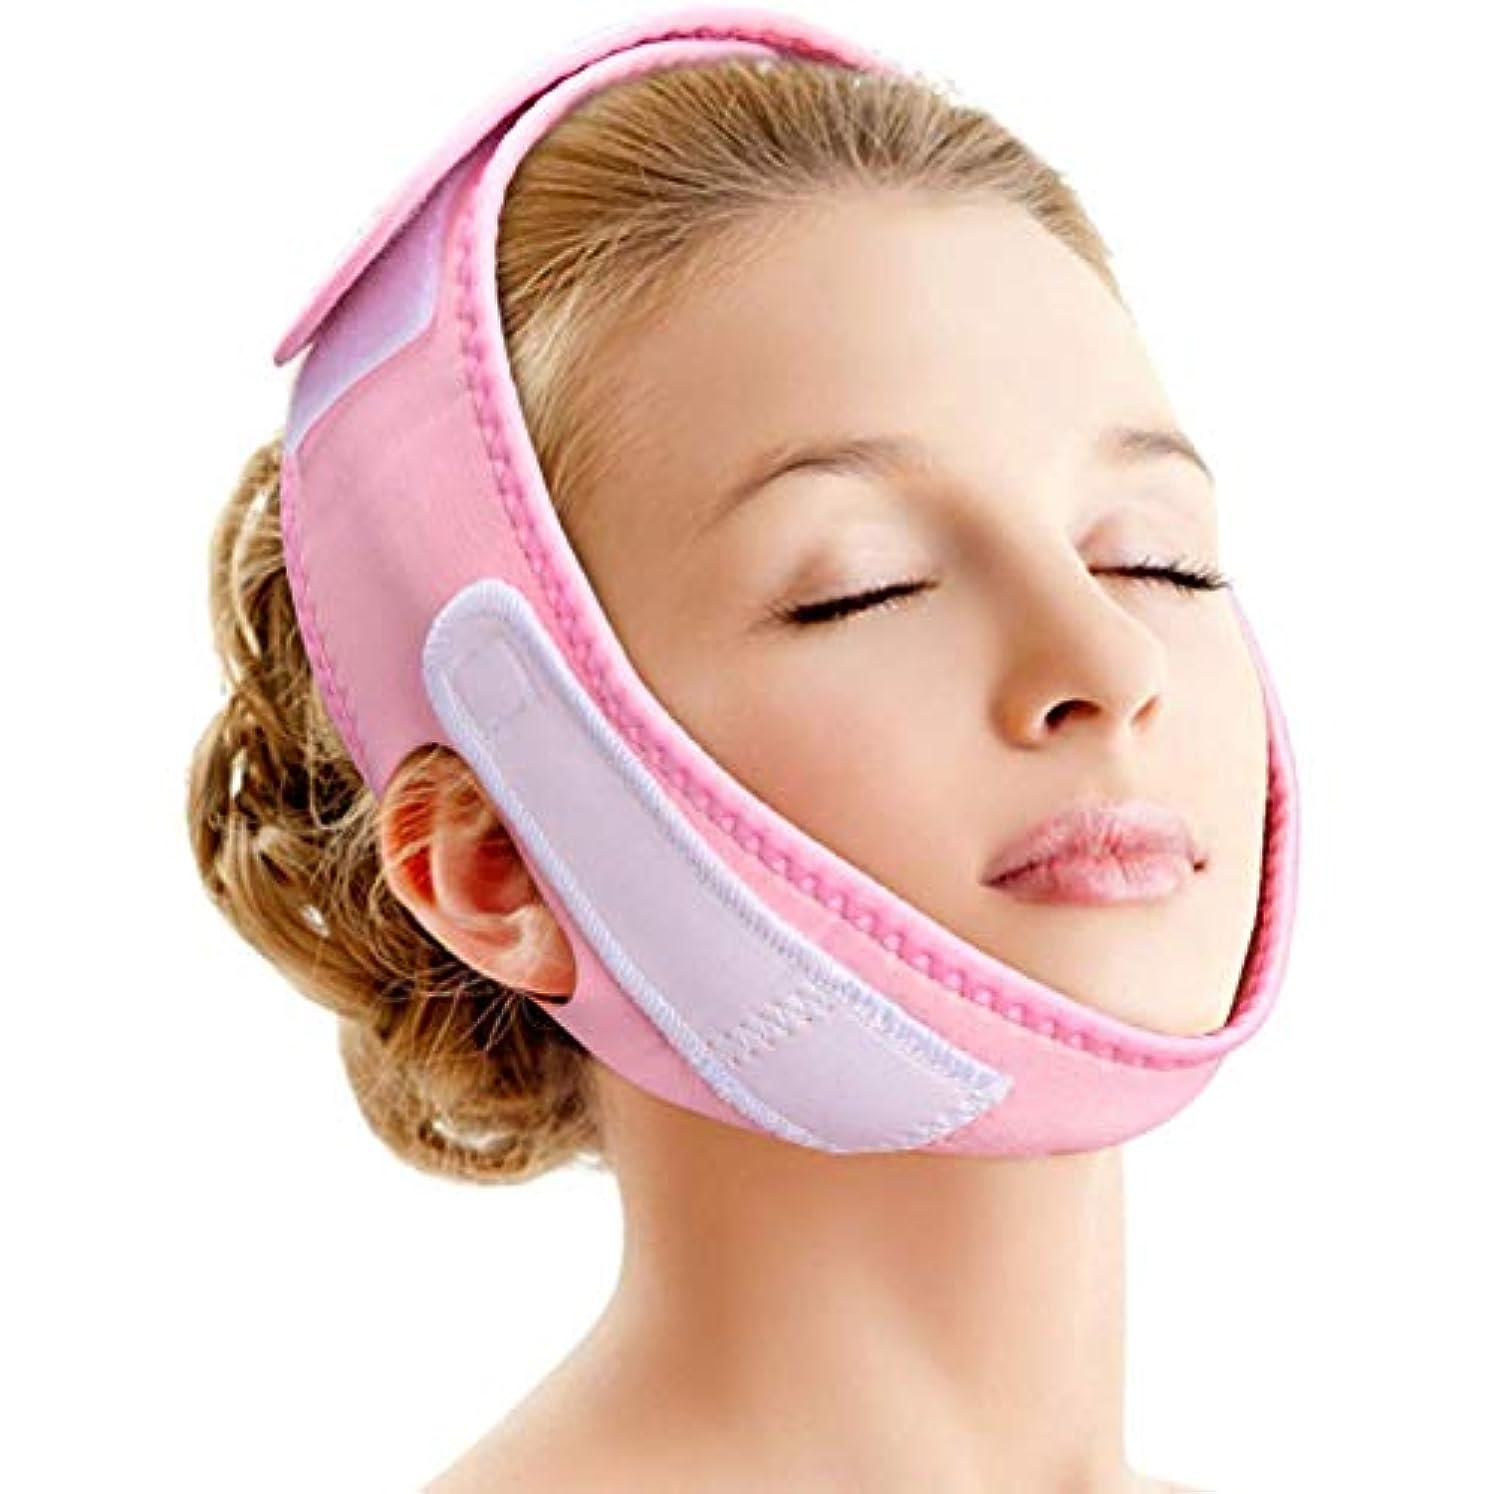 規範コミュニティ誰がフェイシャルリフティングスリミングベルト - ダブルラインケア、顔の減量、しわ防止のためのVラインチンチークバンド-フェイスリフティング包帯